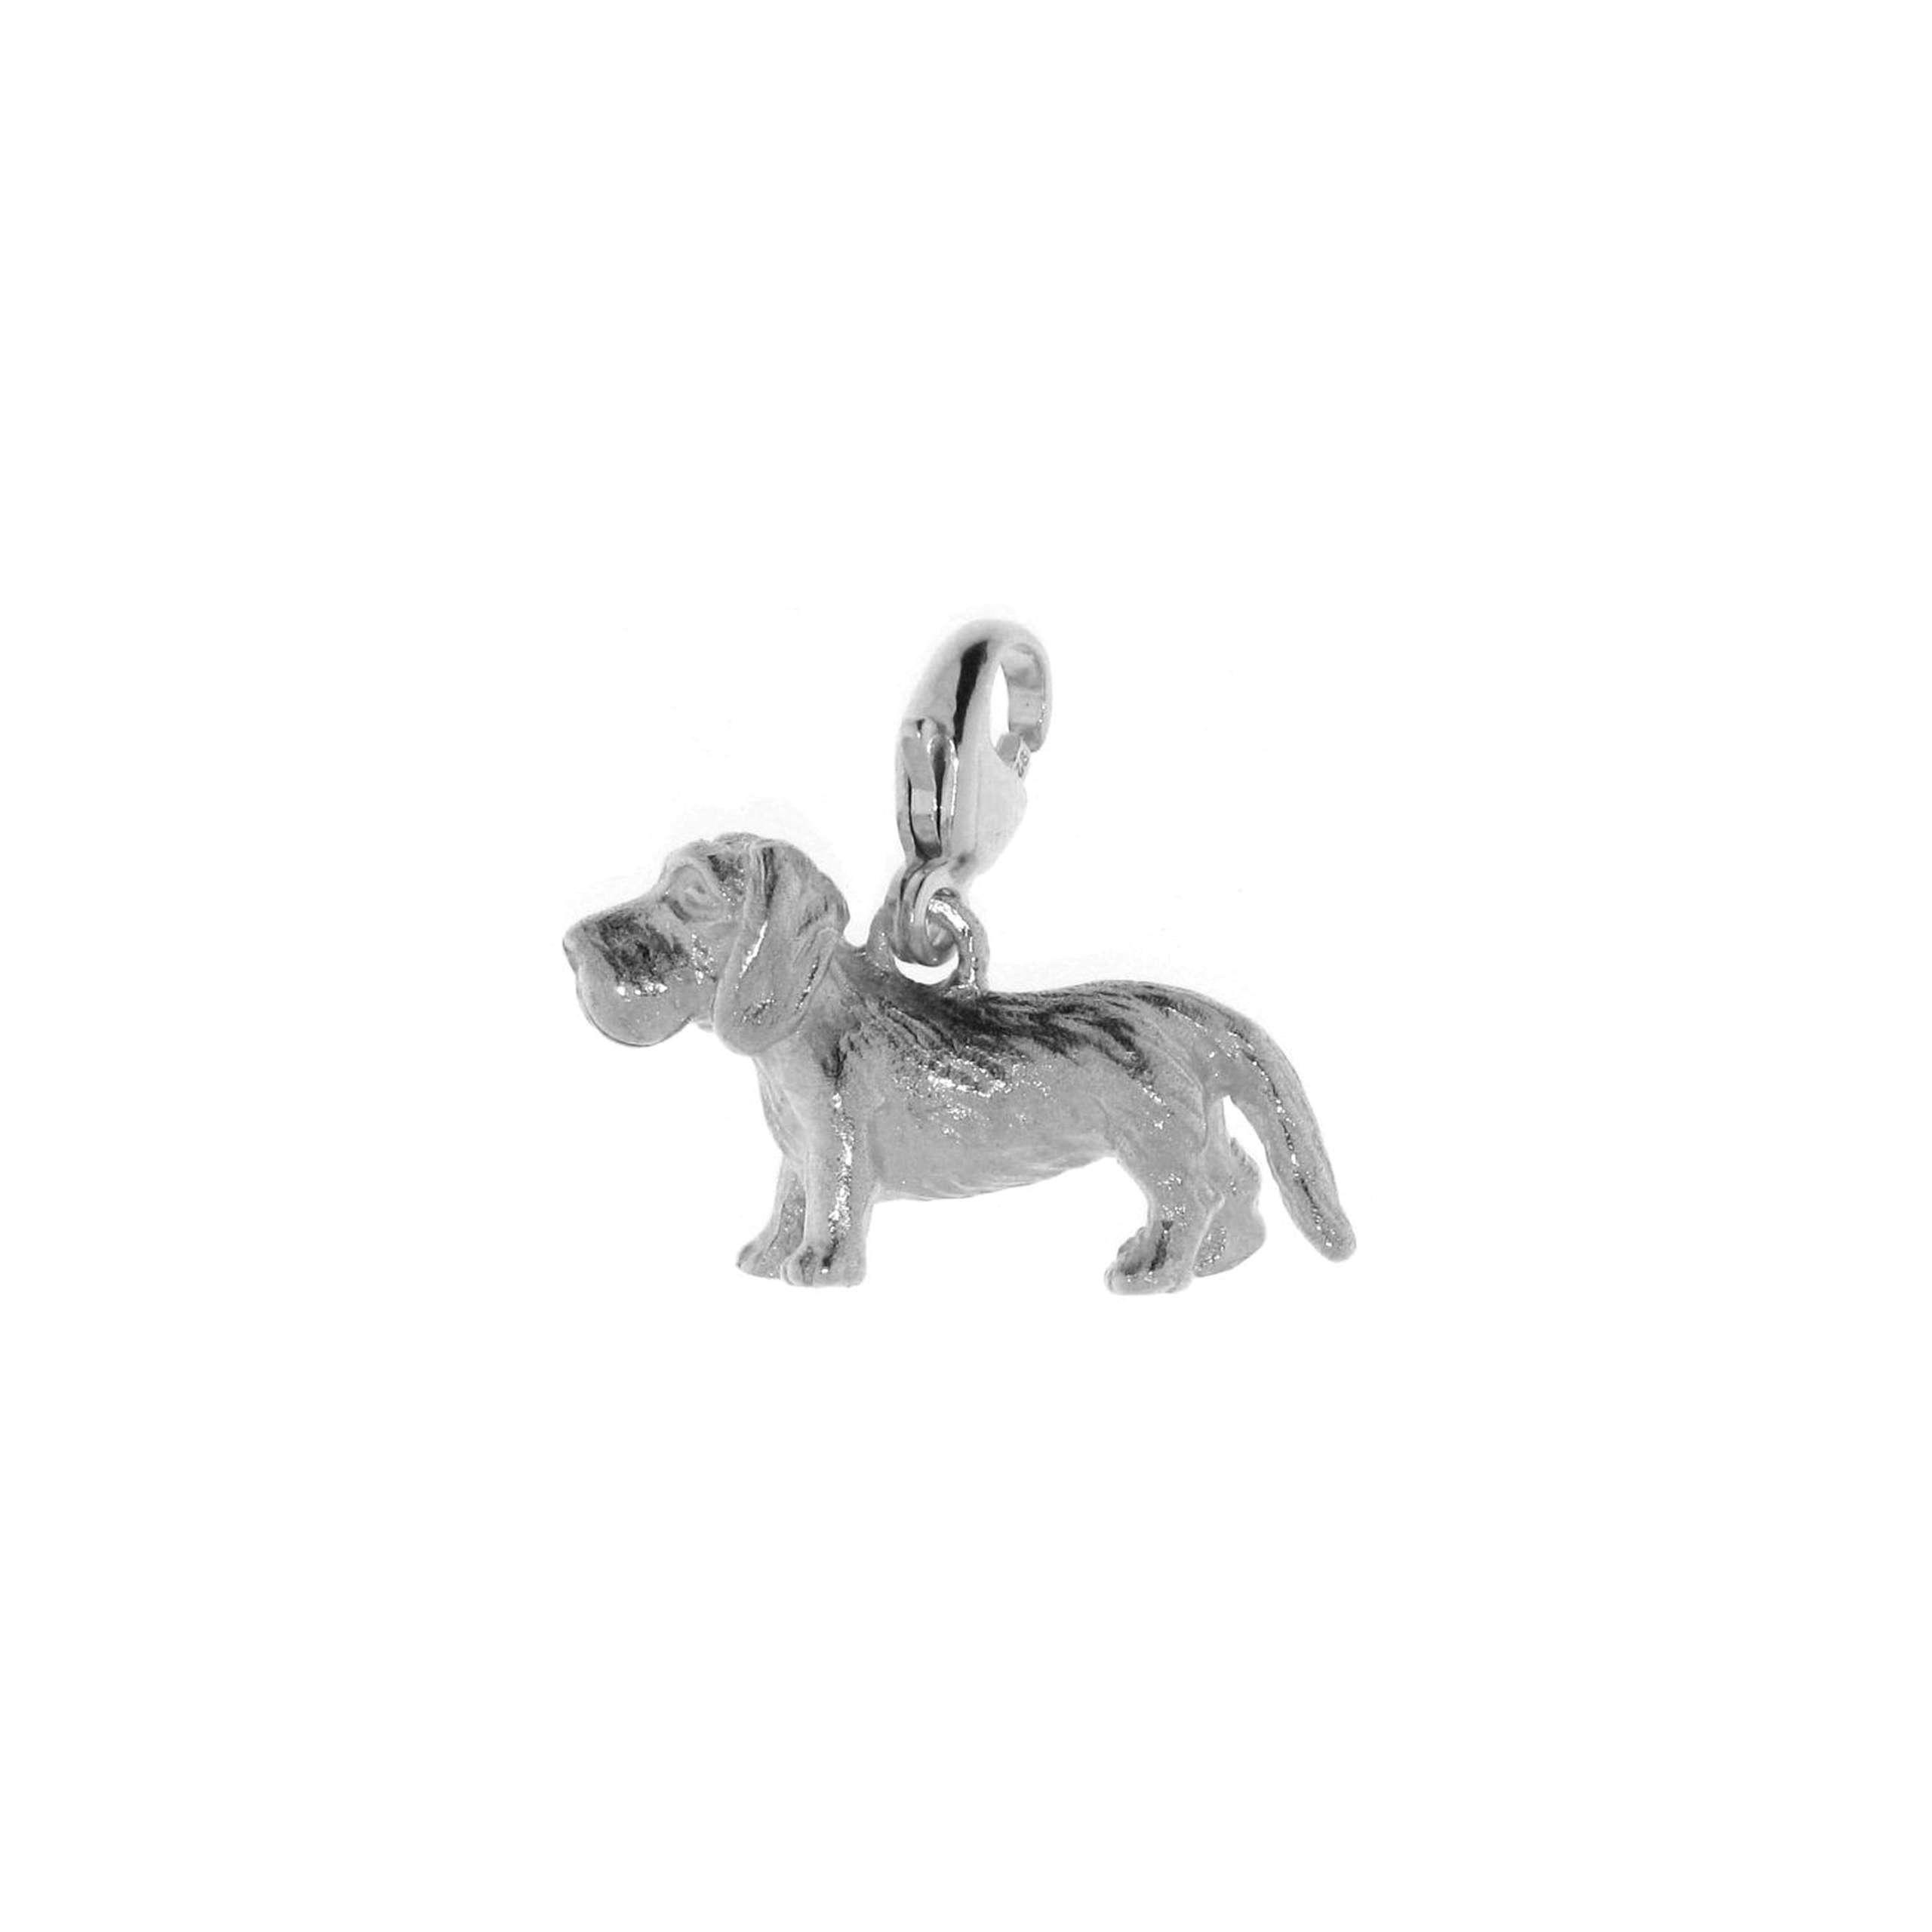 Anhänger Hund Dackel 2 mit Karabinerverschluß aus 925 Sterling Silber Charm